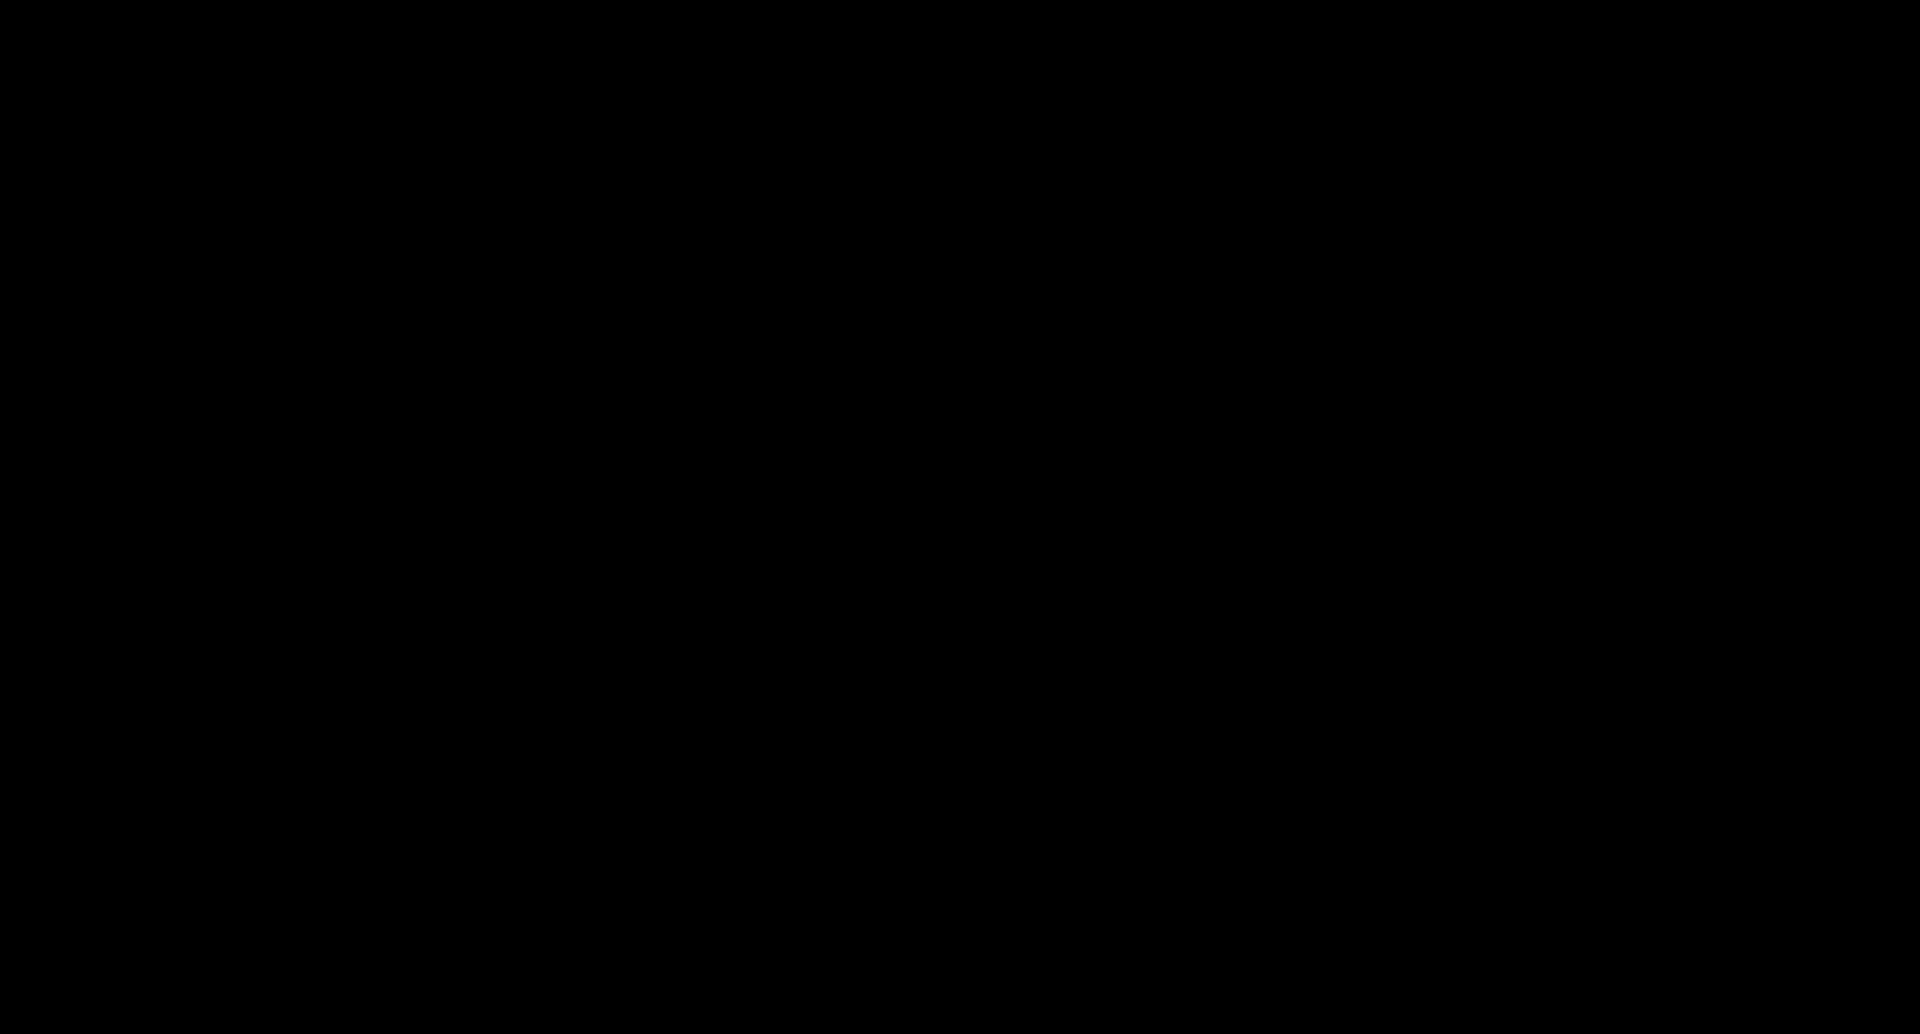 dscf0123-2